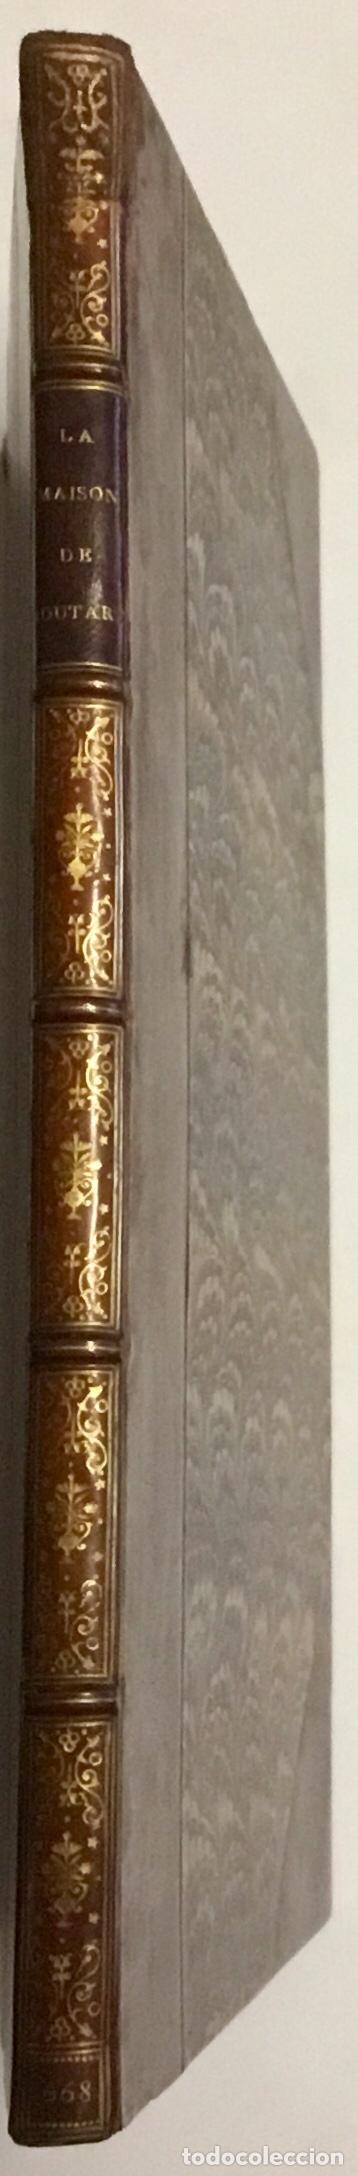 Libros antiguos: LA MAISON ET FAMILLE DE ROUTART, prouvée tres-noble passez plus de Six cens Ans, et alliée aux princ - Foto 2 - 114799688